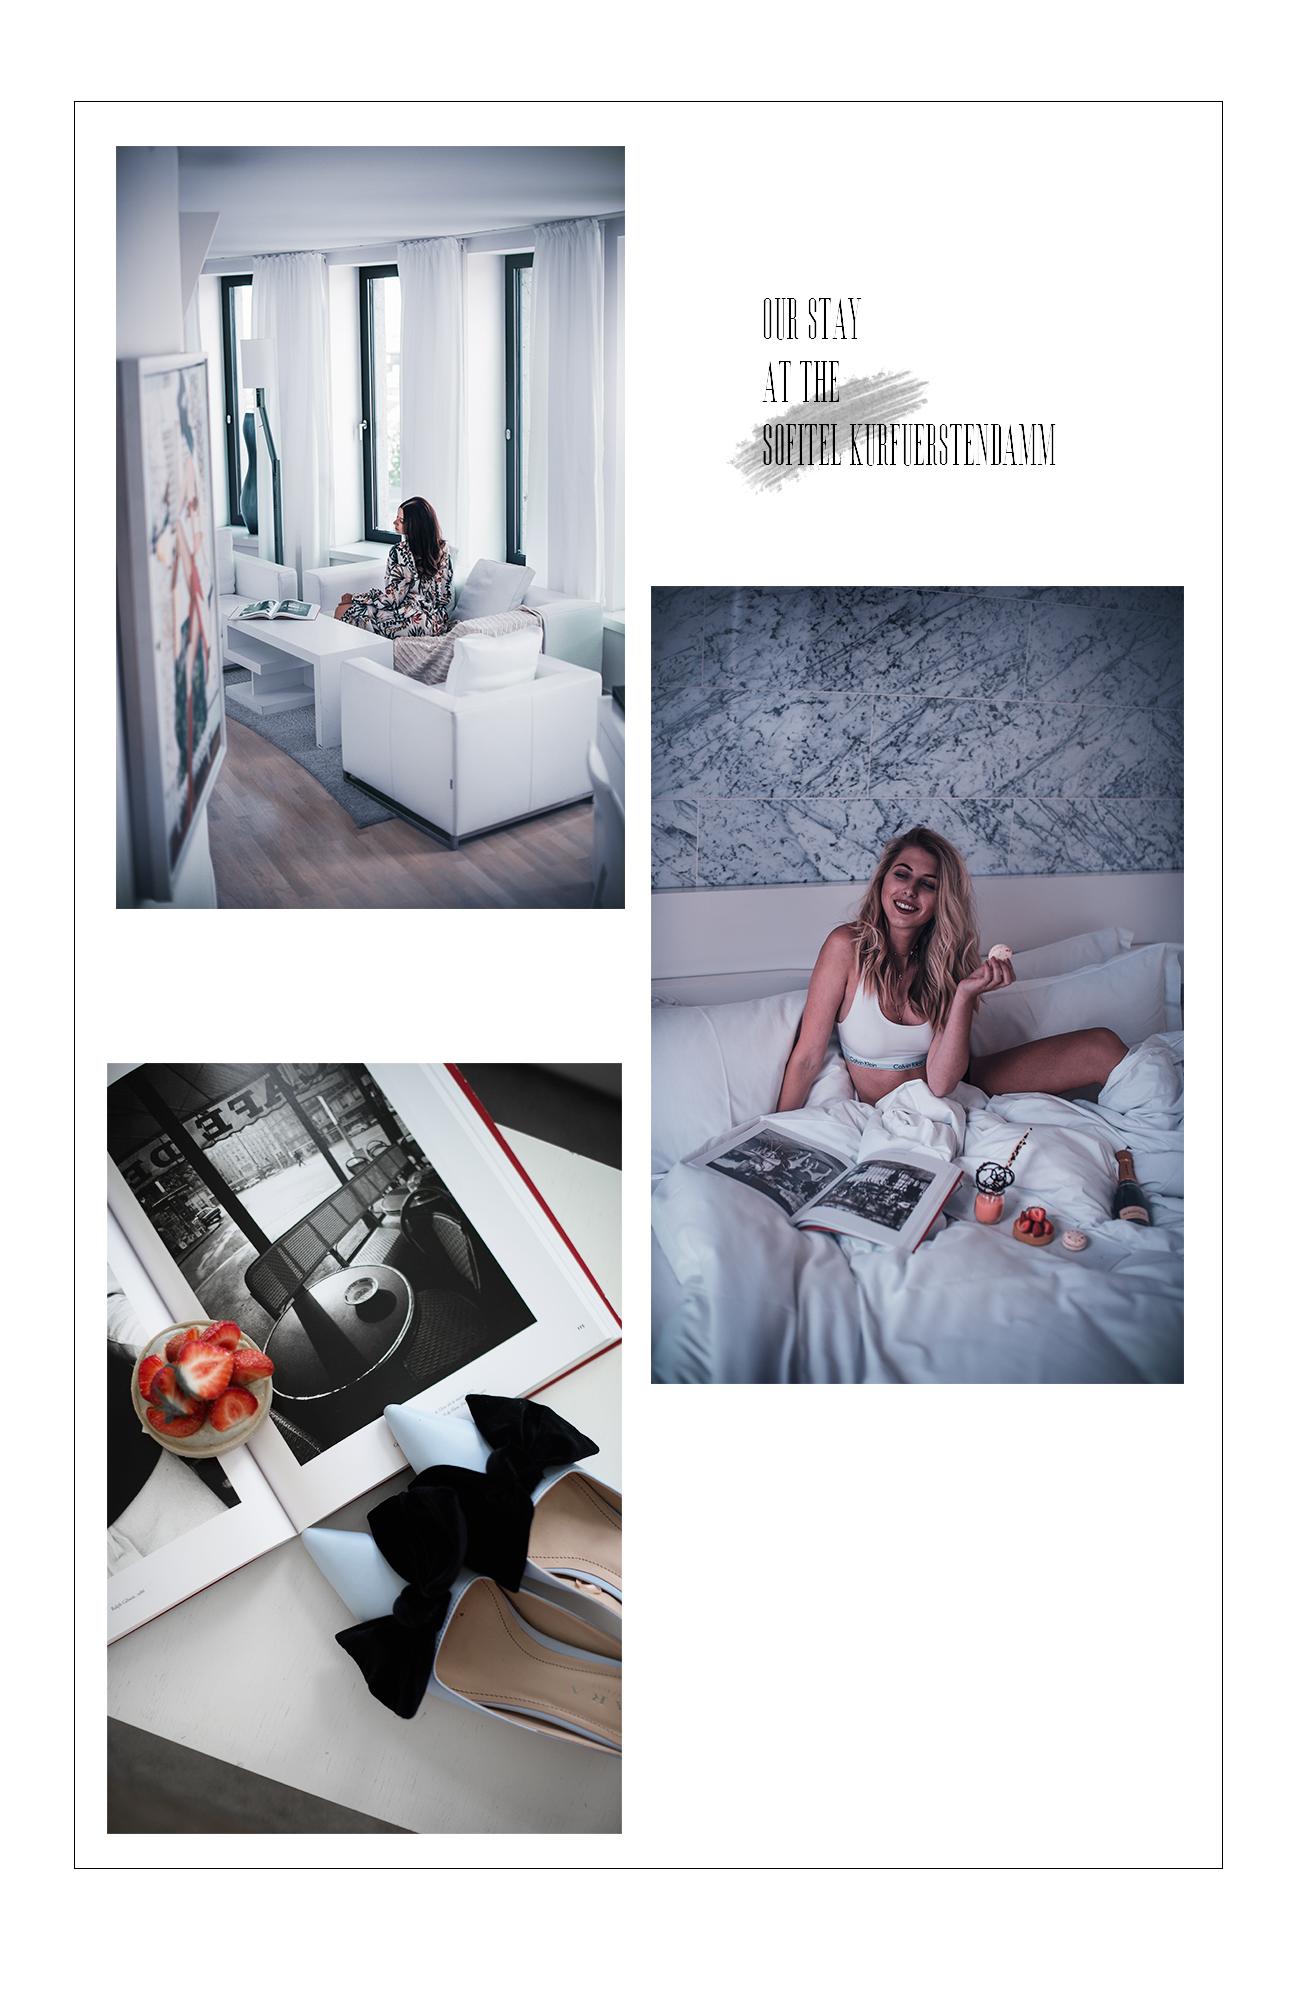 Sofitel Berlin Kurfürstendamm opera suite Erfahrungen lifestyle blog München